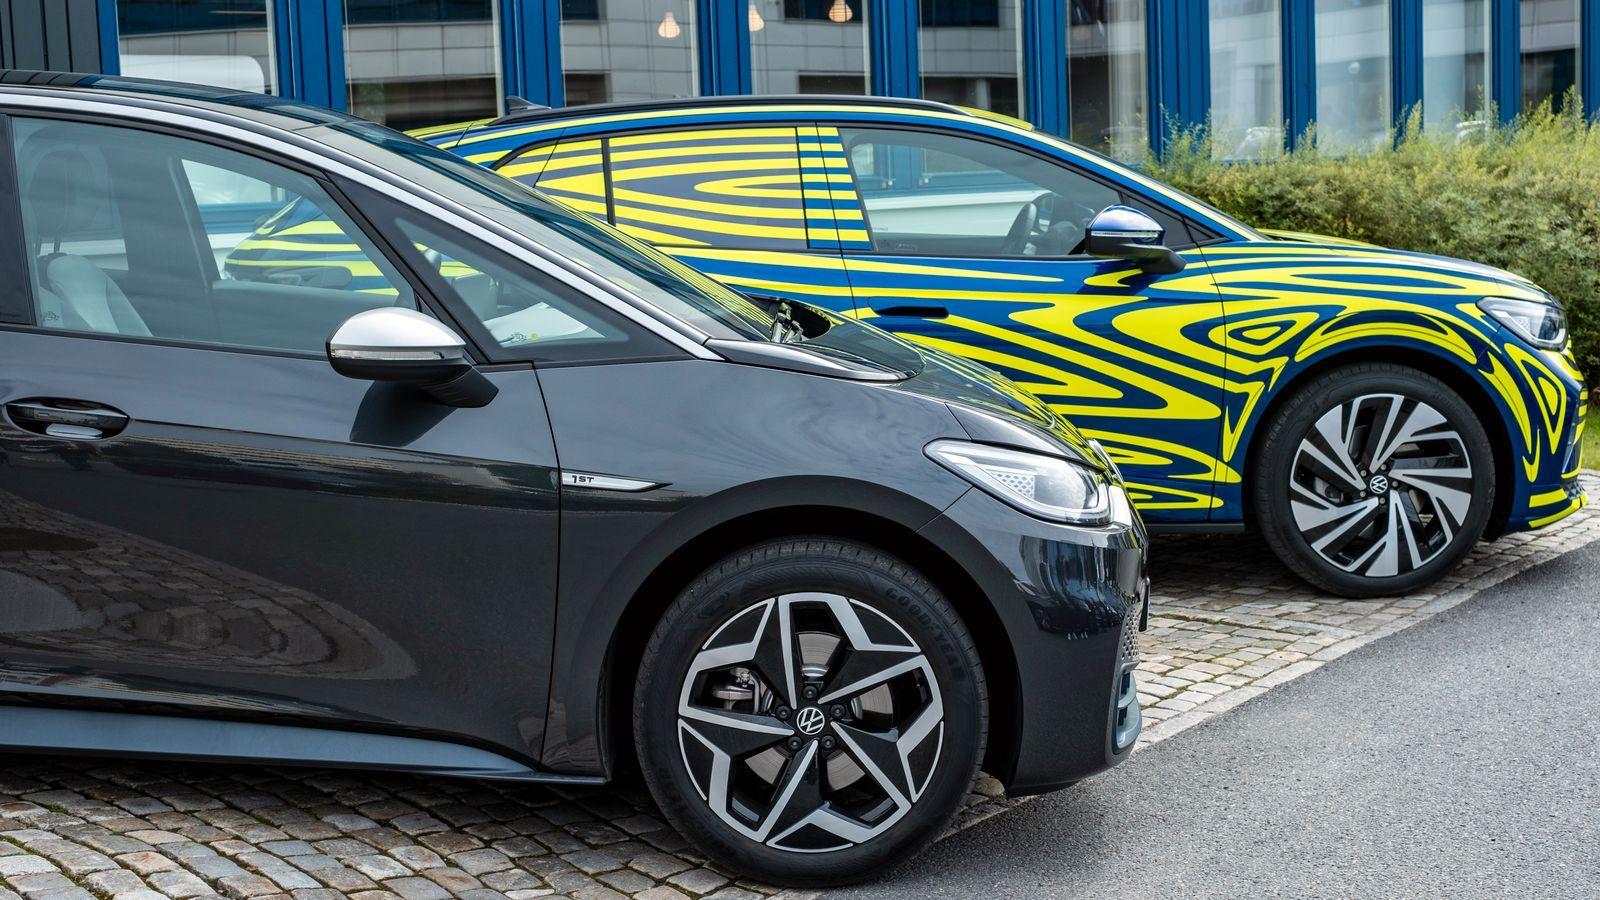 Kan bilprodusentene slutte å hinte om nye biler, og bare lansere dem i stedet?